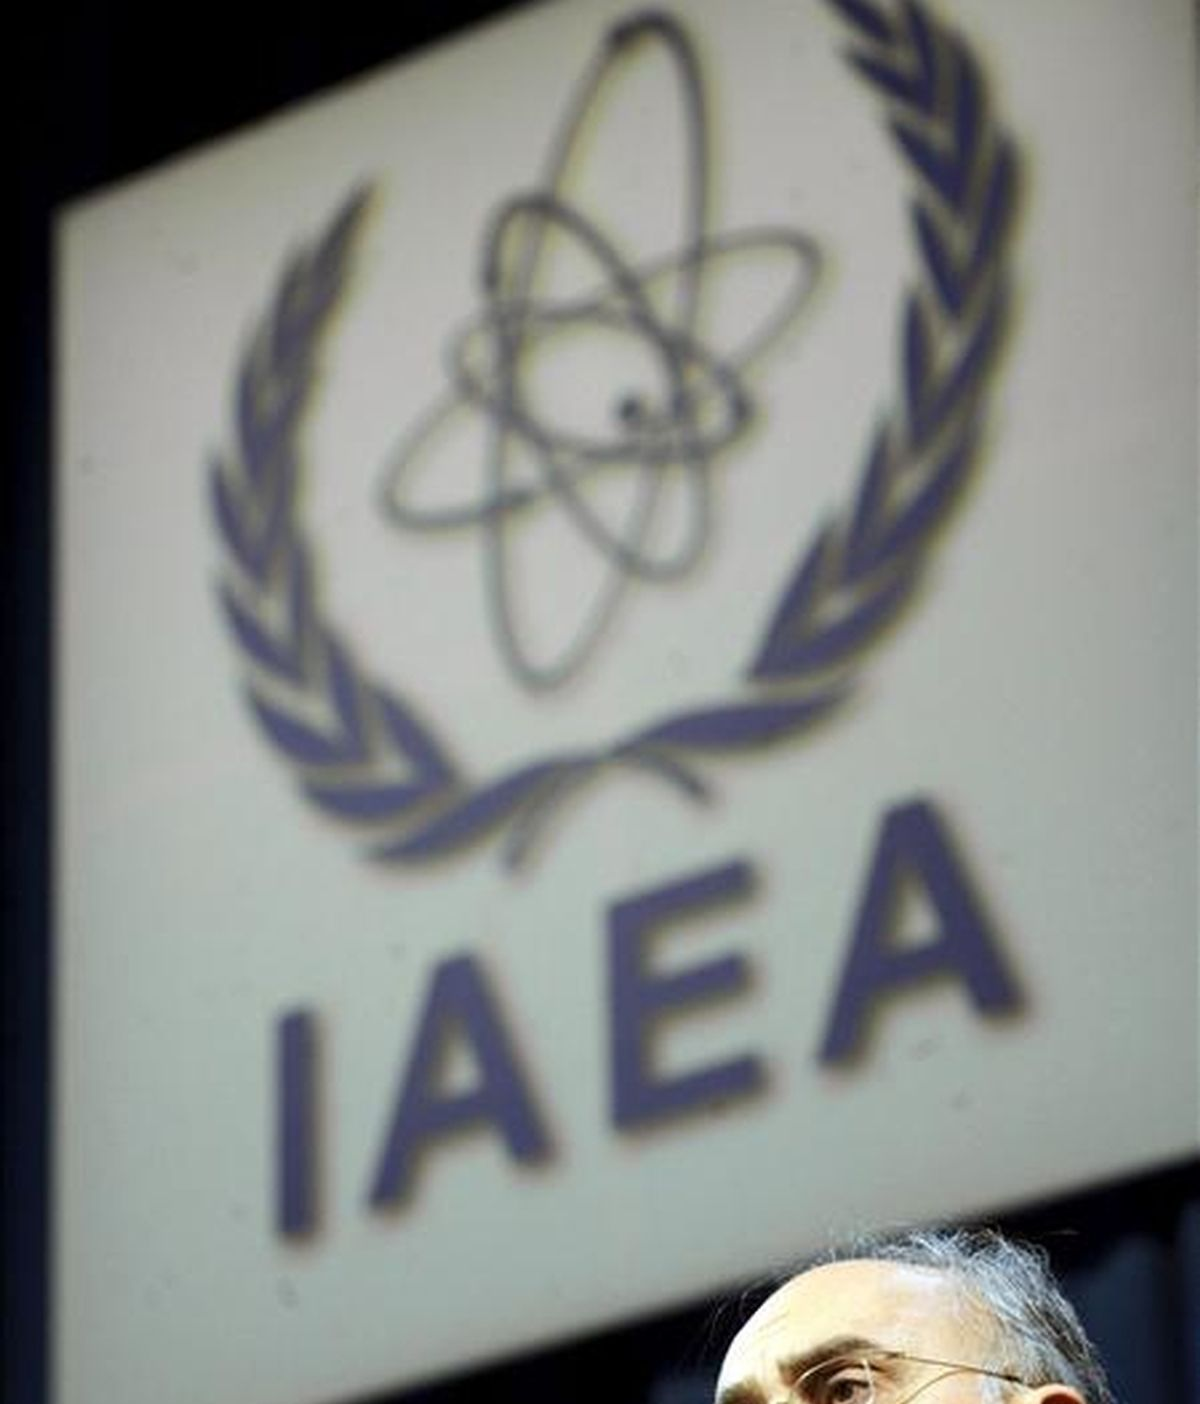 El jefe del programa nuclear de Irán, Ali-Akbar Salehi, pronuncia un discurso ante la 54 Conferencia General del Organismo Internacional de la Energía Atómica (OIEA) en Viena, Austria, el lunes 20 de septiembre de 2010. El controvertido programa nuclear de Irán y el posible voto de una resolución, impulsada por los países árabes, sobre el supuesto programa atómico militar de Israel, centrarán la conferencia durante la semana. EFE